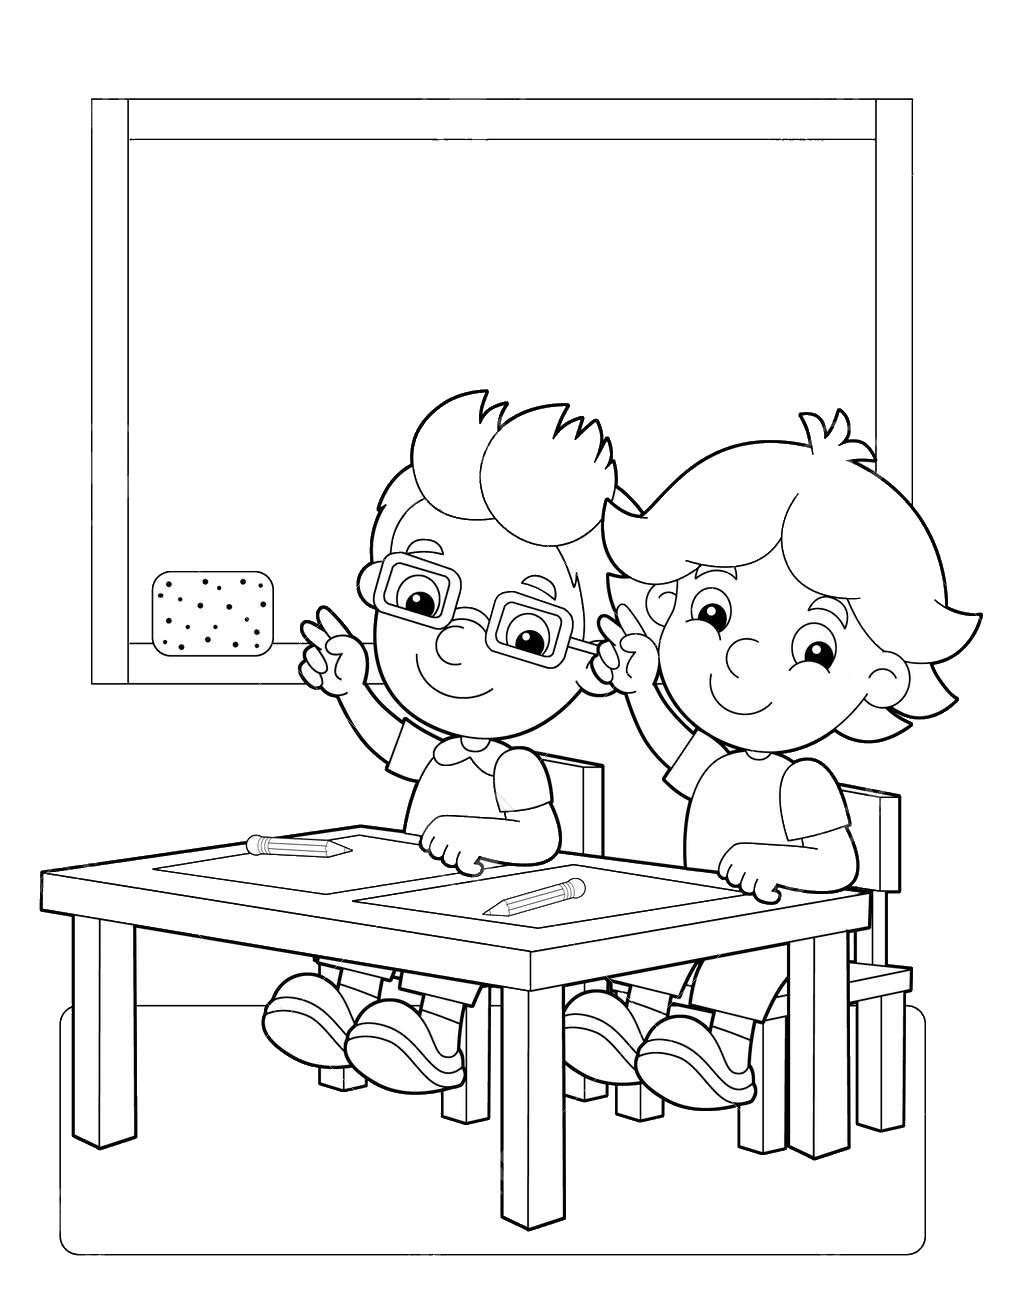 Tranh tô màu bàn học ở trường